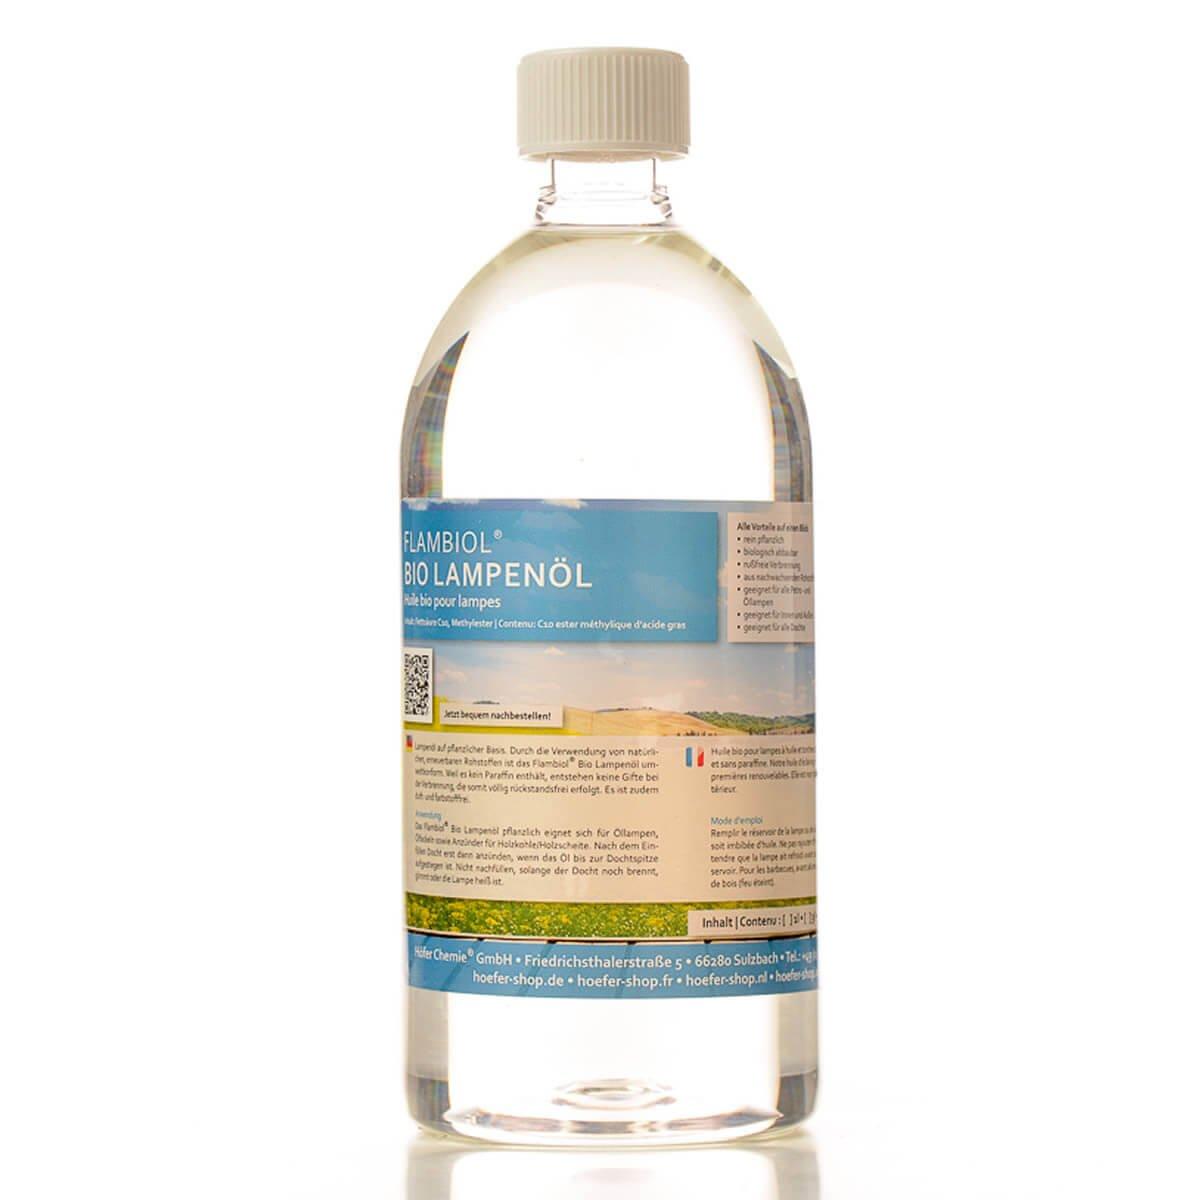 6 x 1 L huile végétale pour lampe Flambiol - FRAIS DE PORT OFFERT - en bouteilles de 1 L Höfer Chemie ®